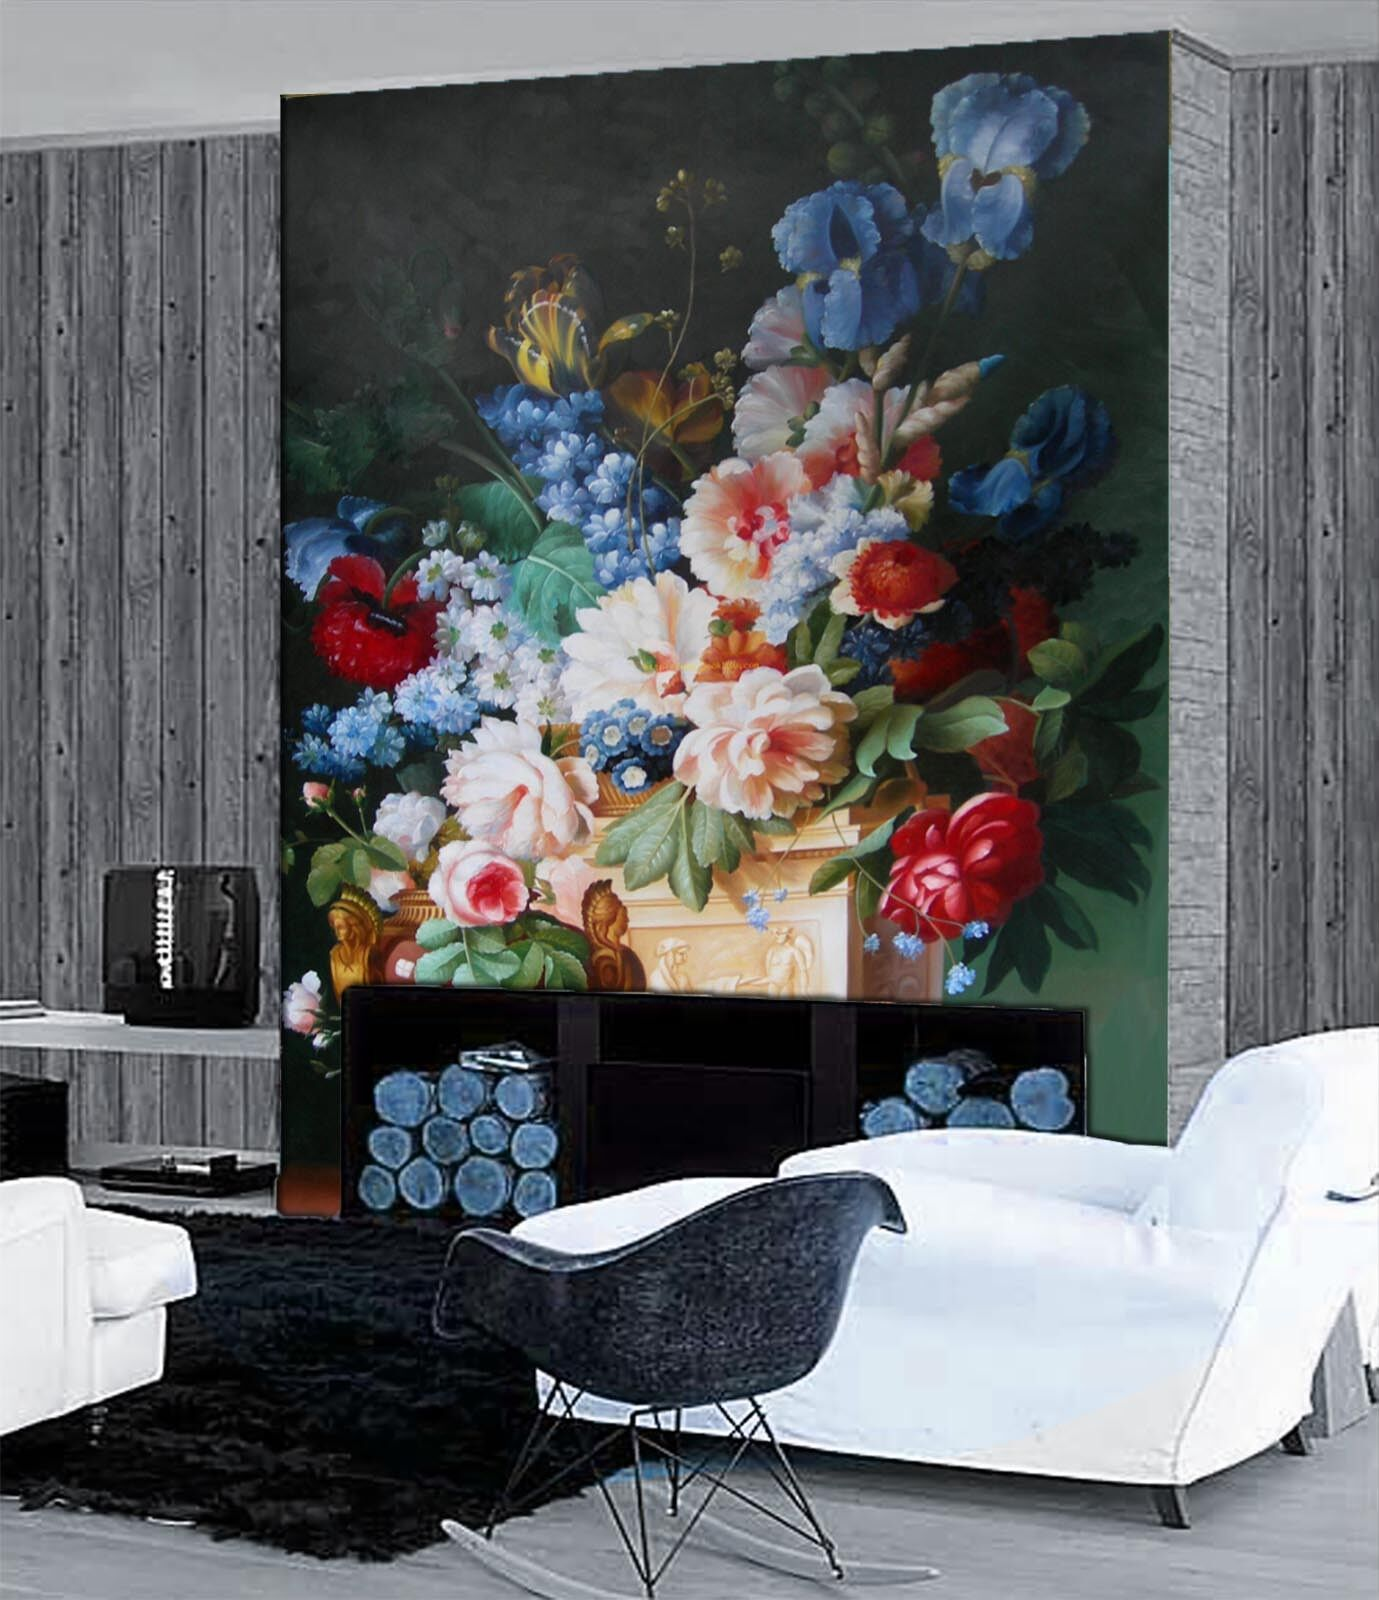 3D Bouquet 4159 Wallpaper Murals Wall Print Wall Mural AJ WALLPAPER UK Lemon